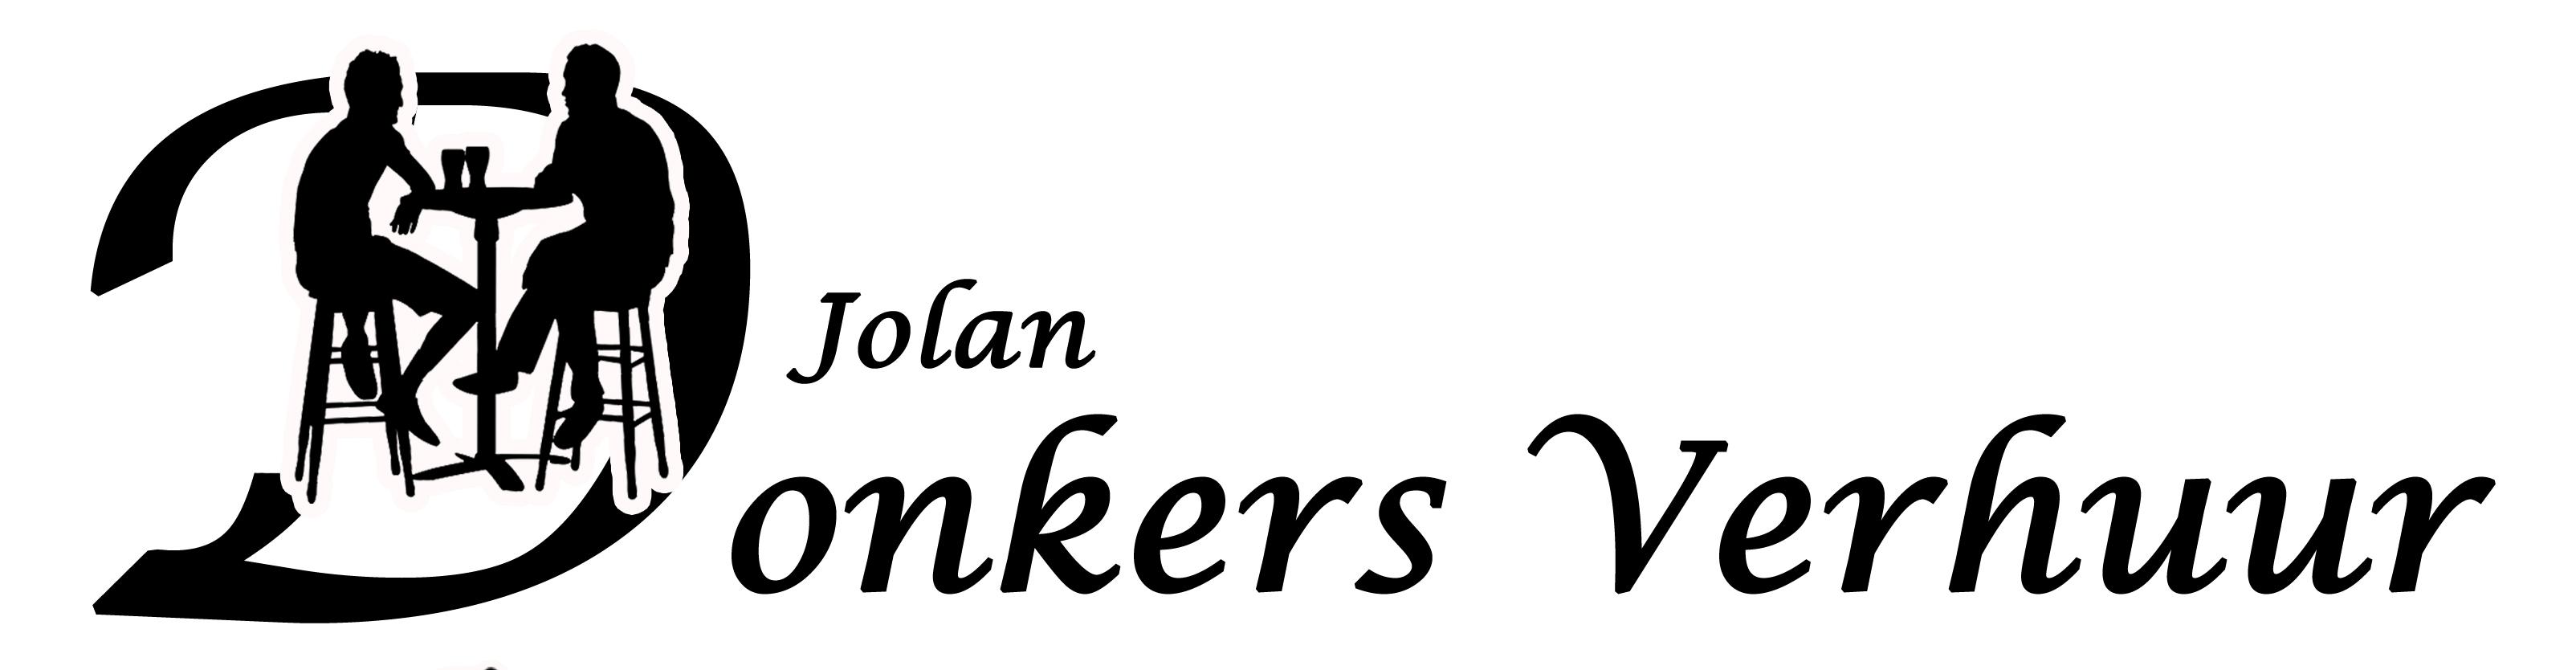 jolan-donkers-verhuur-logo